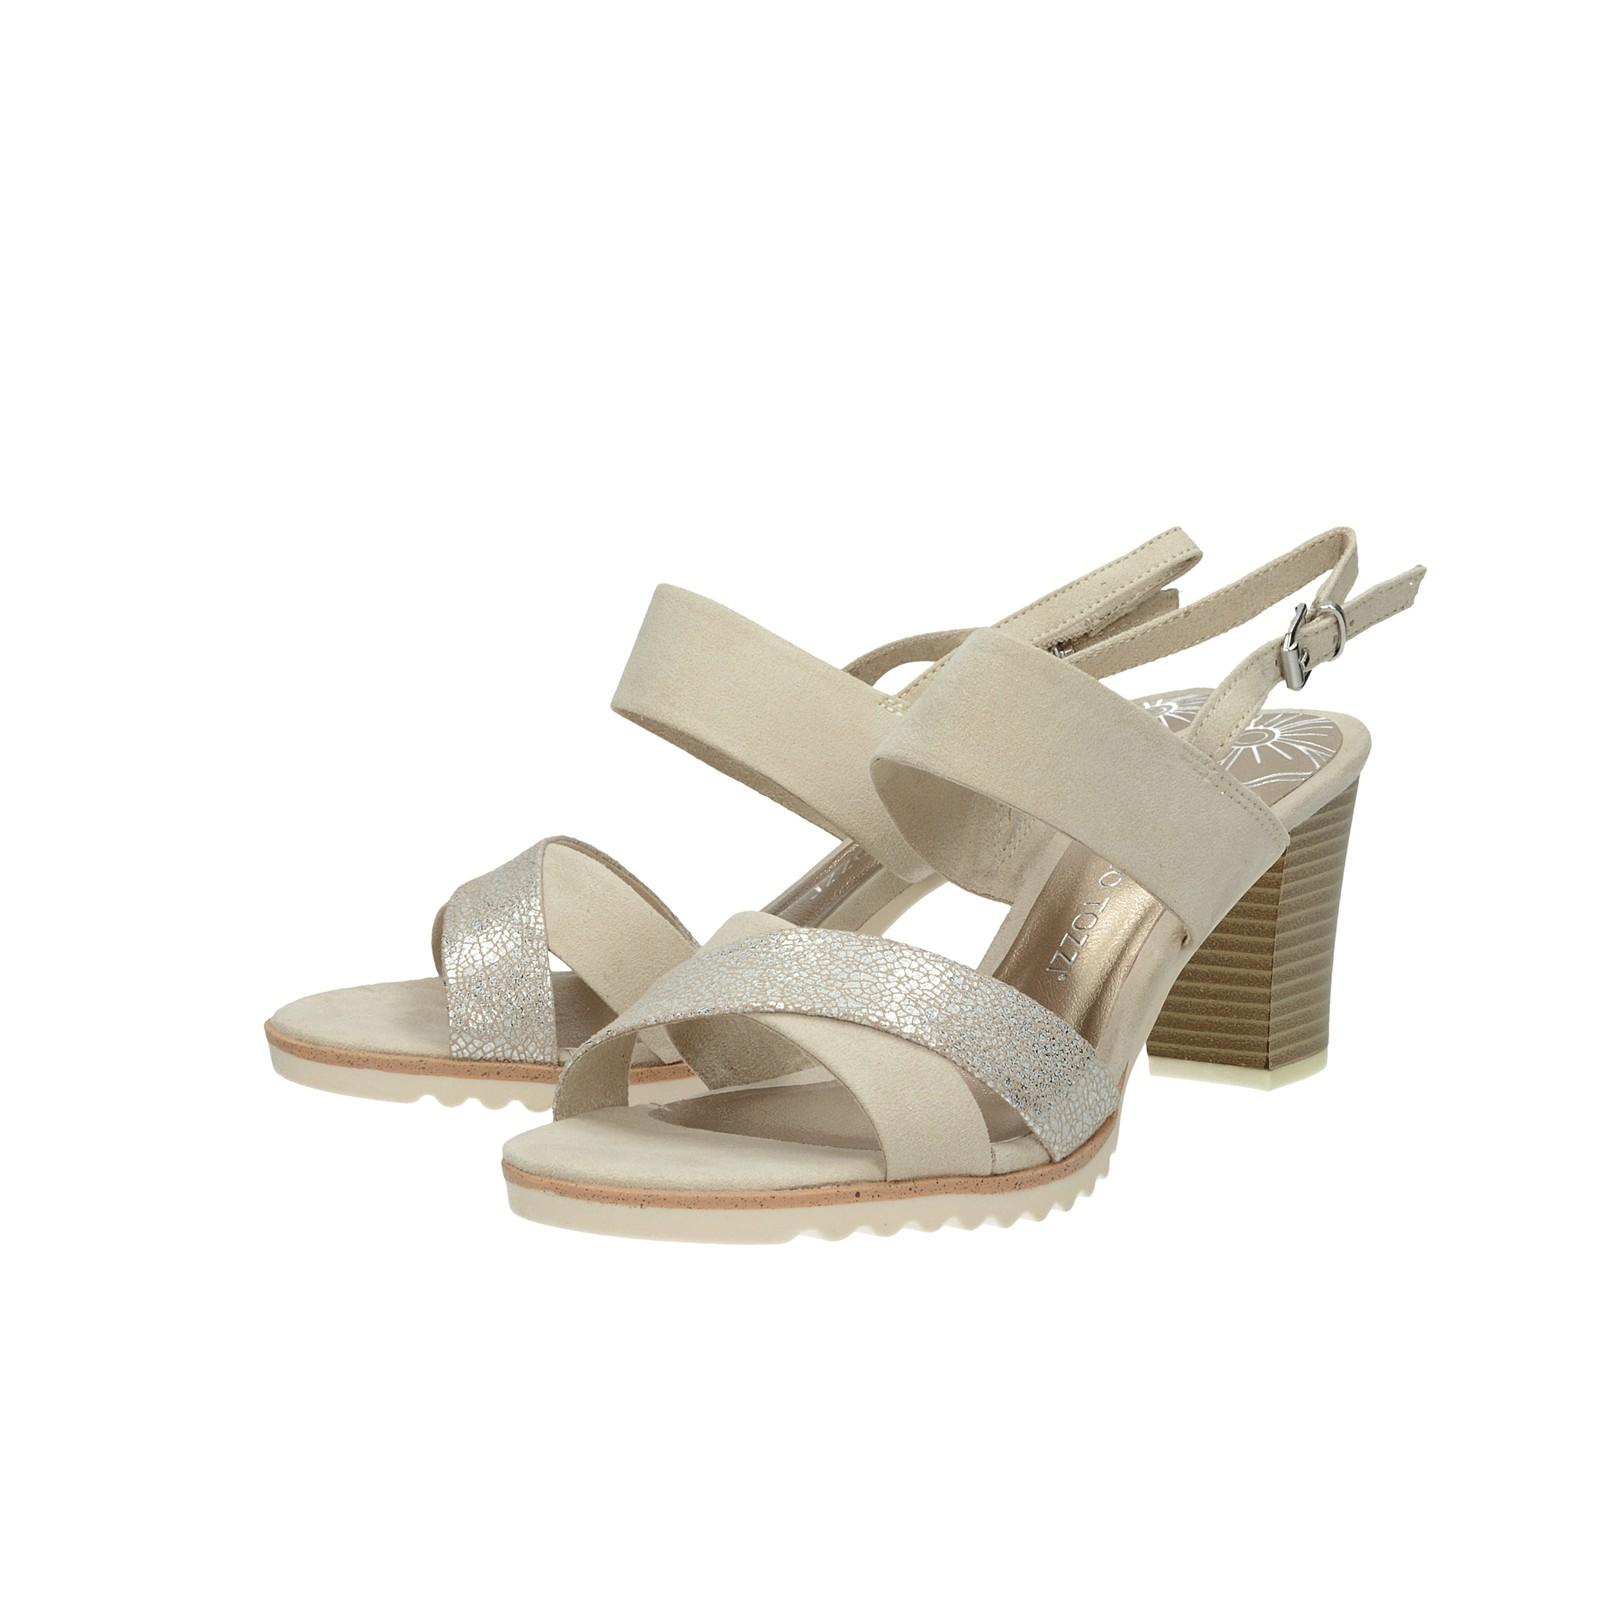 6ef560aad9 ... Marco Tozzi dámske sandále na podpätku - béžové ...